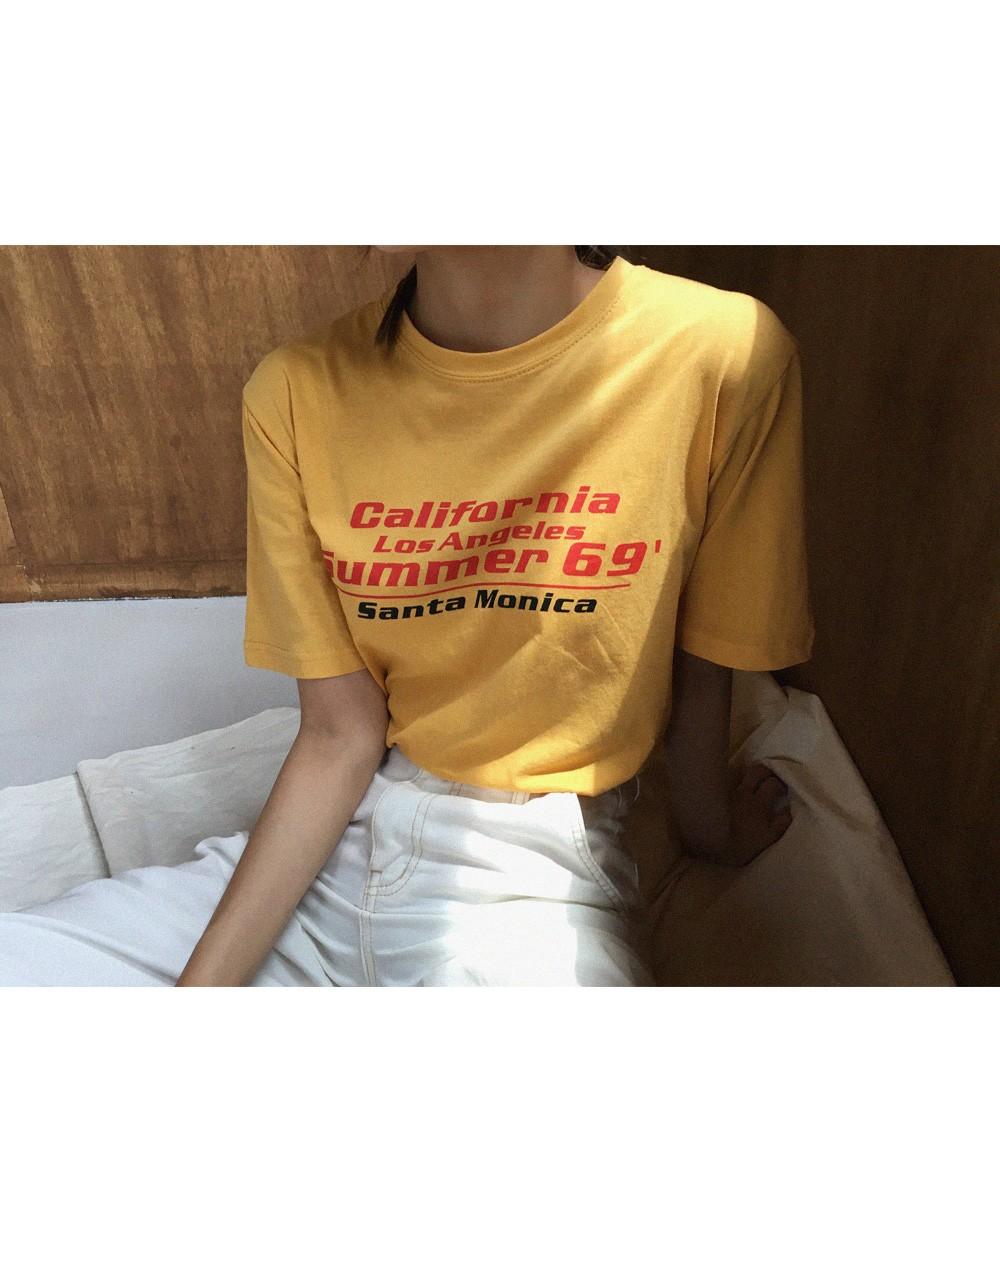 Los Angeles short-sleeved tee